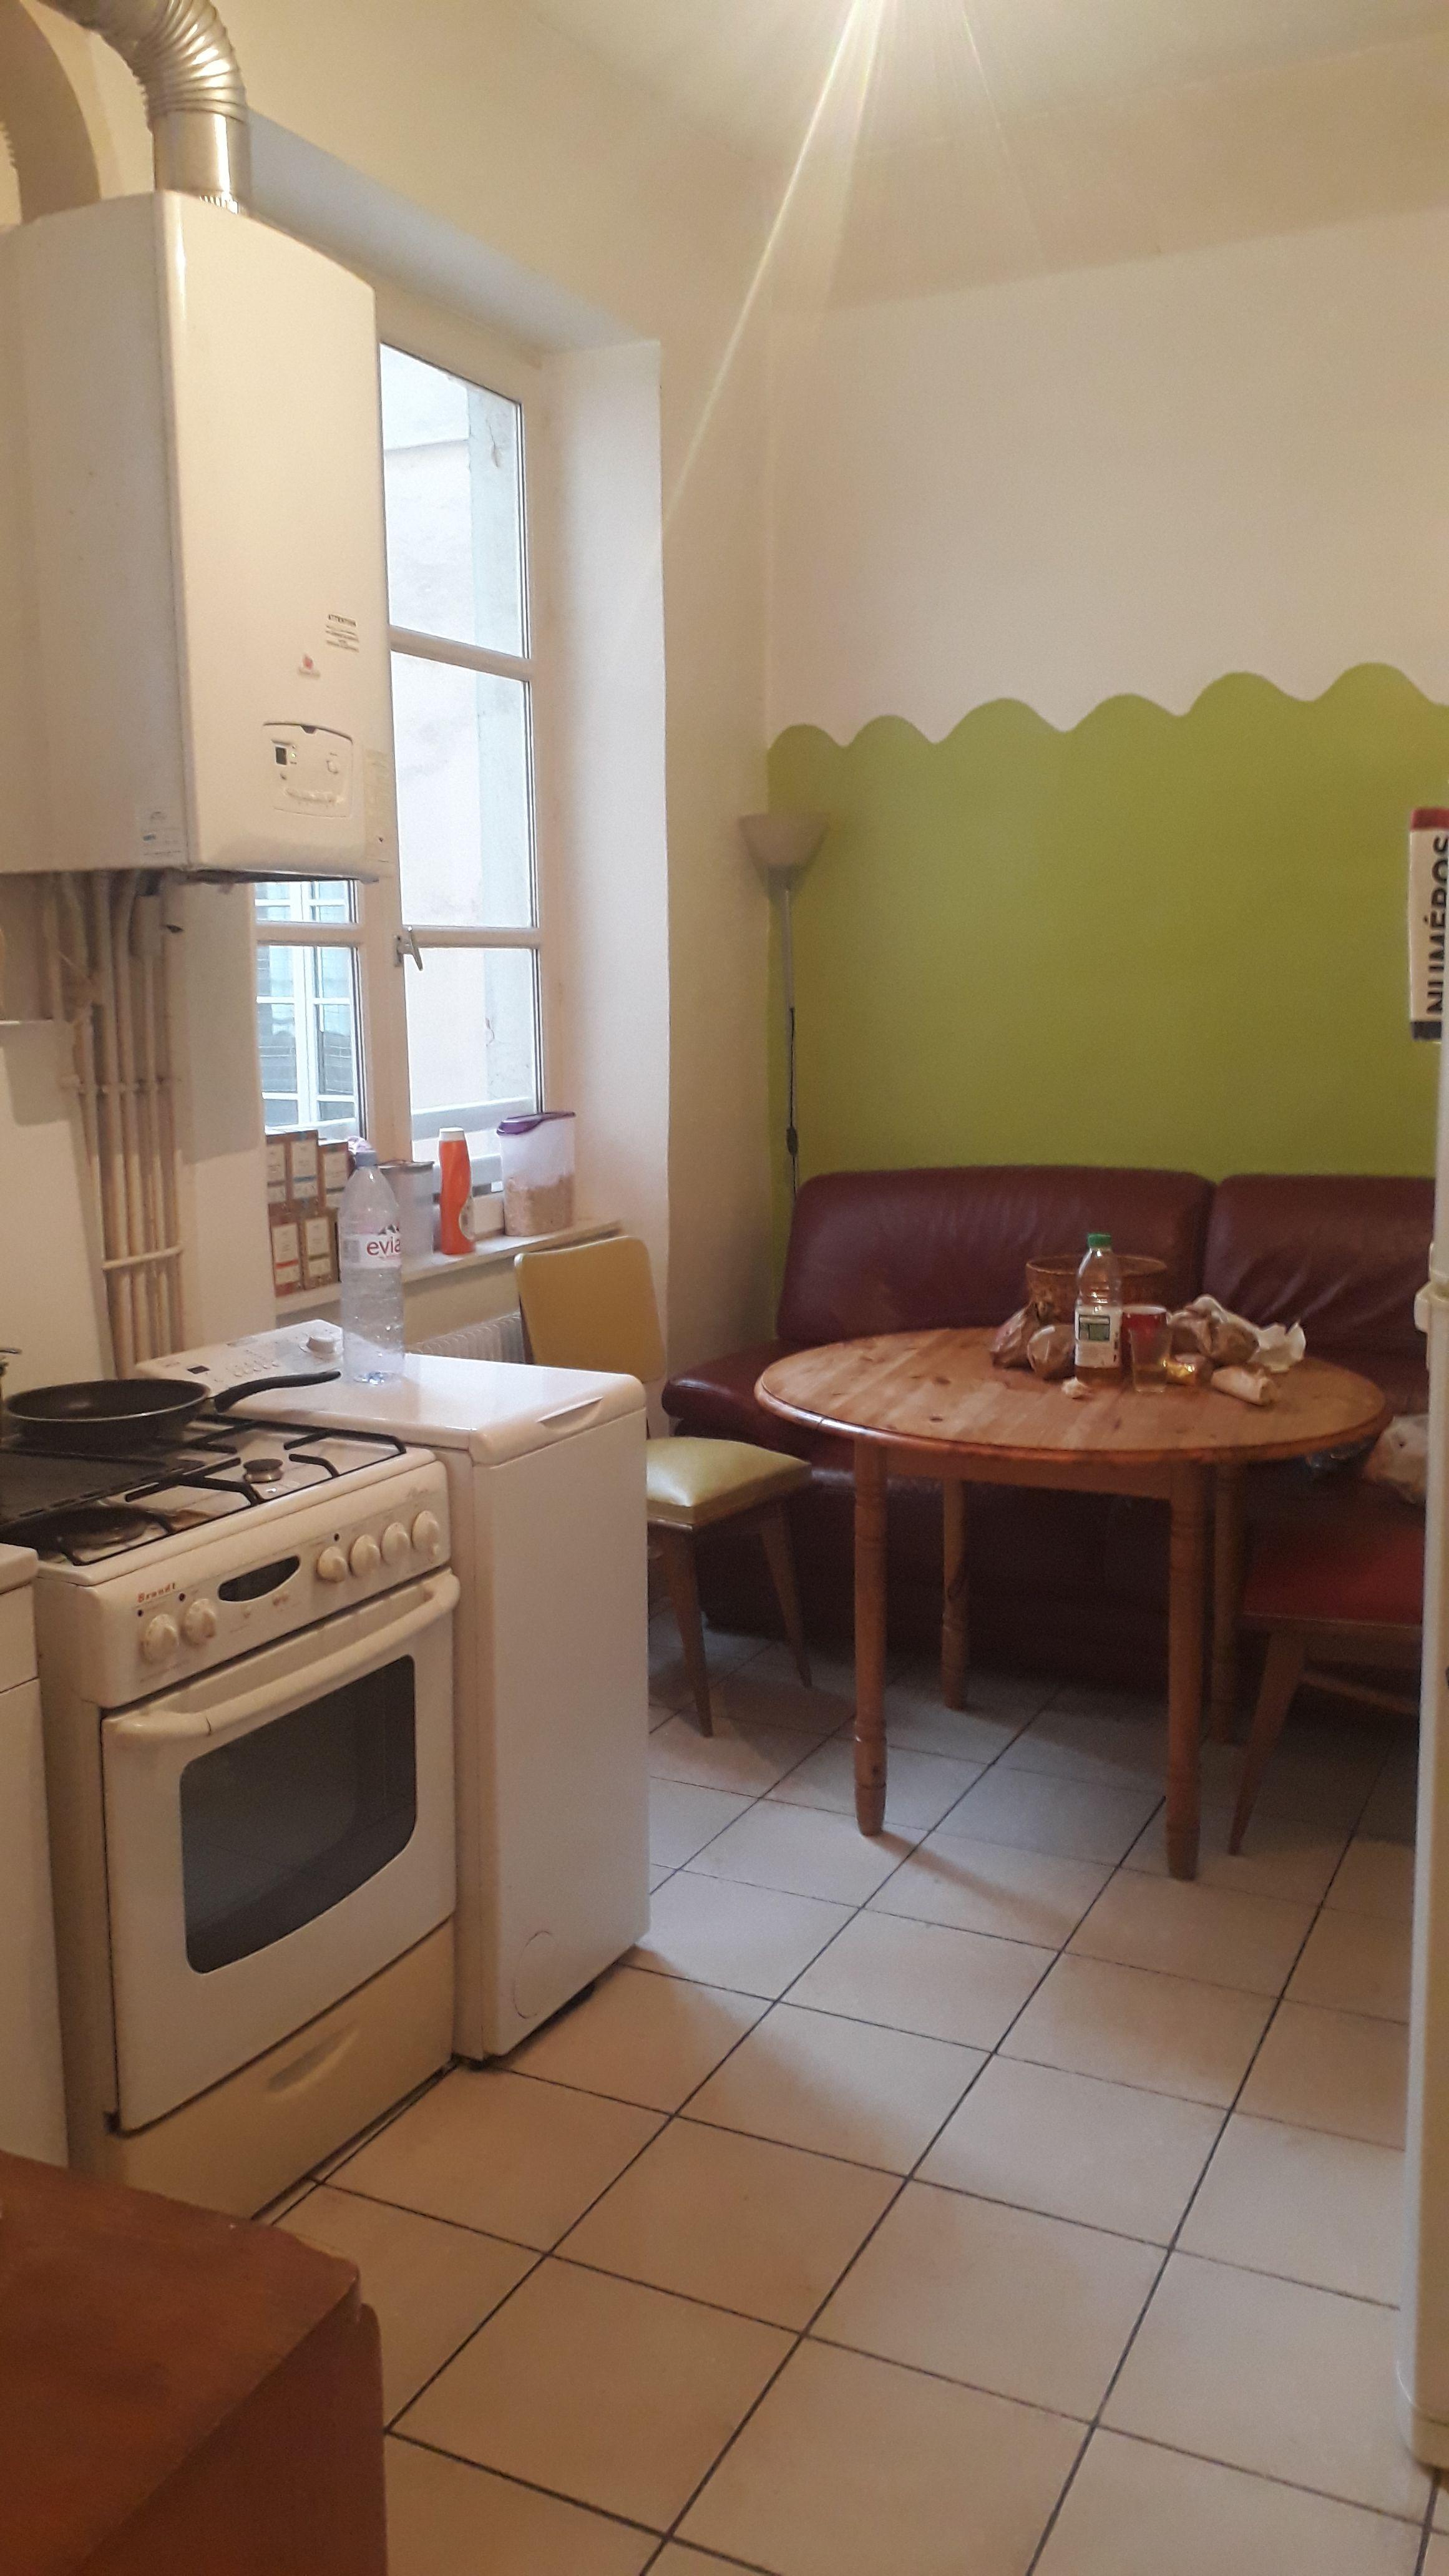 Cuisine-Colocation Lyon 1er arrondissement NA & Location Chambre à louer Lyon 1er arrondissement NA   Loue chambre meublée Lyon 1er arrondissement NA   Logement Lyon 1er arrondissement NA